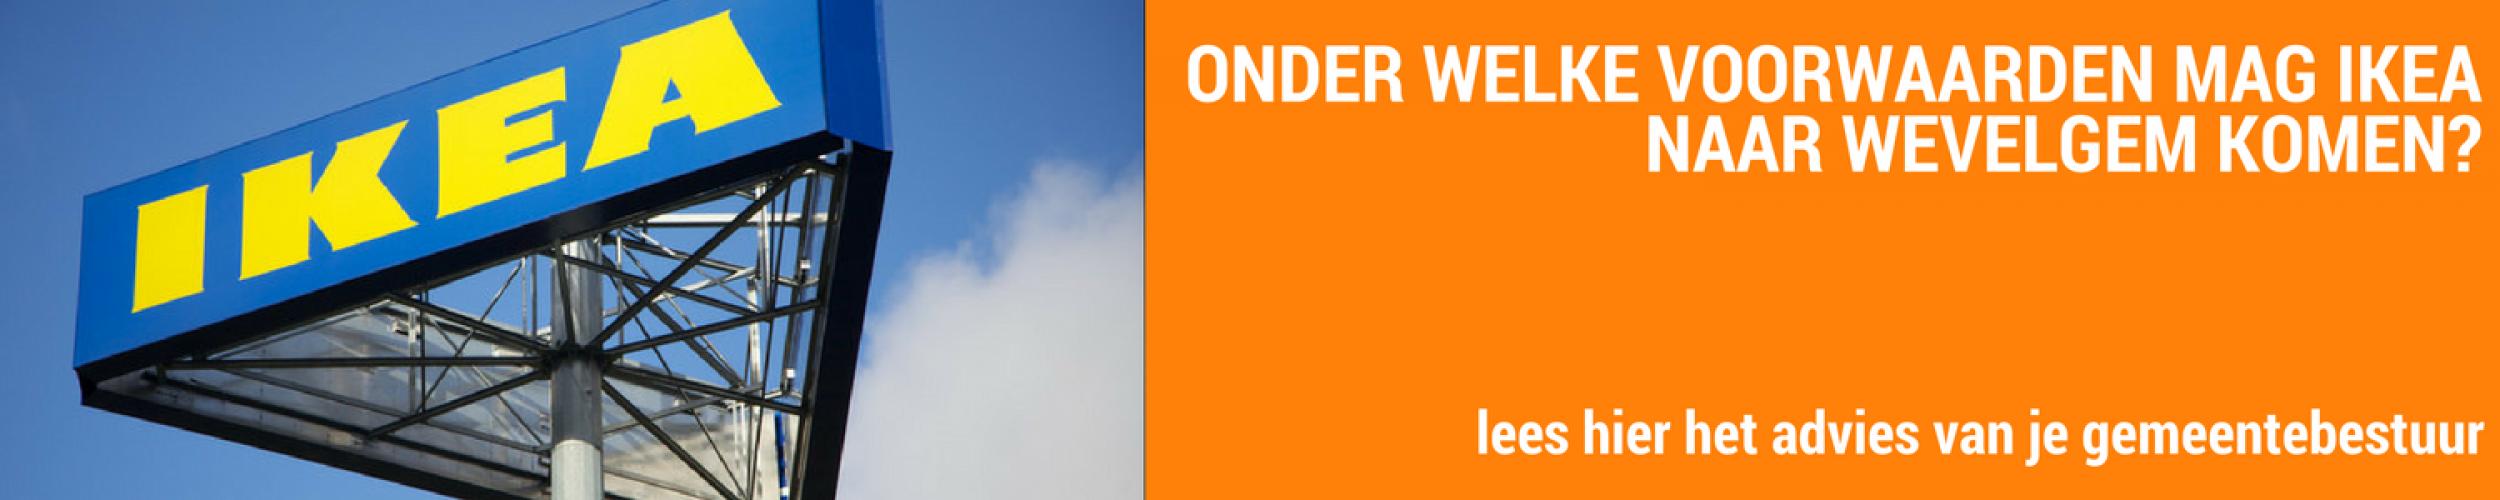 Gemeente Wevelgem: onder welke voorwaarden mag IKEA komen?